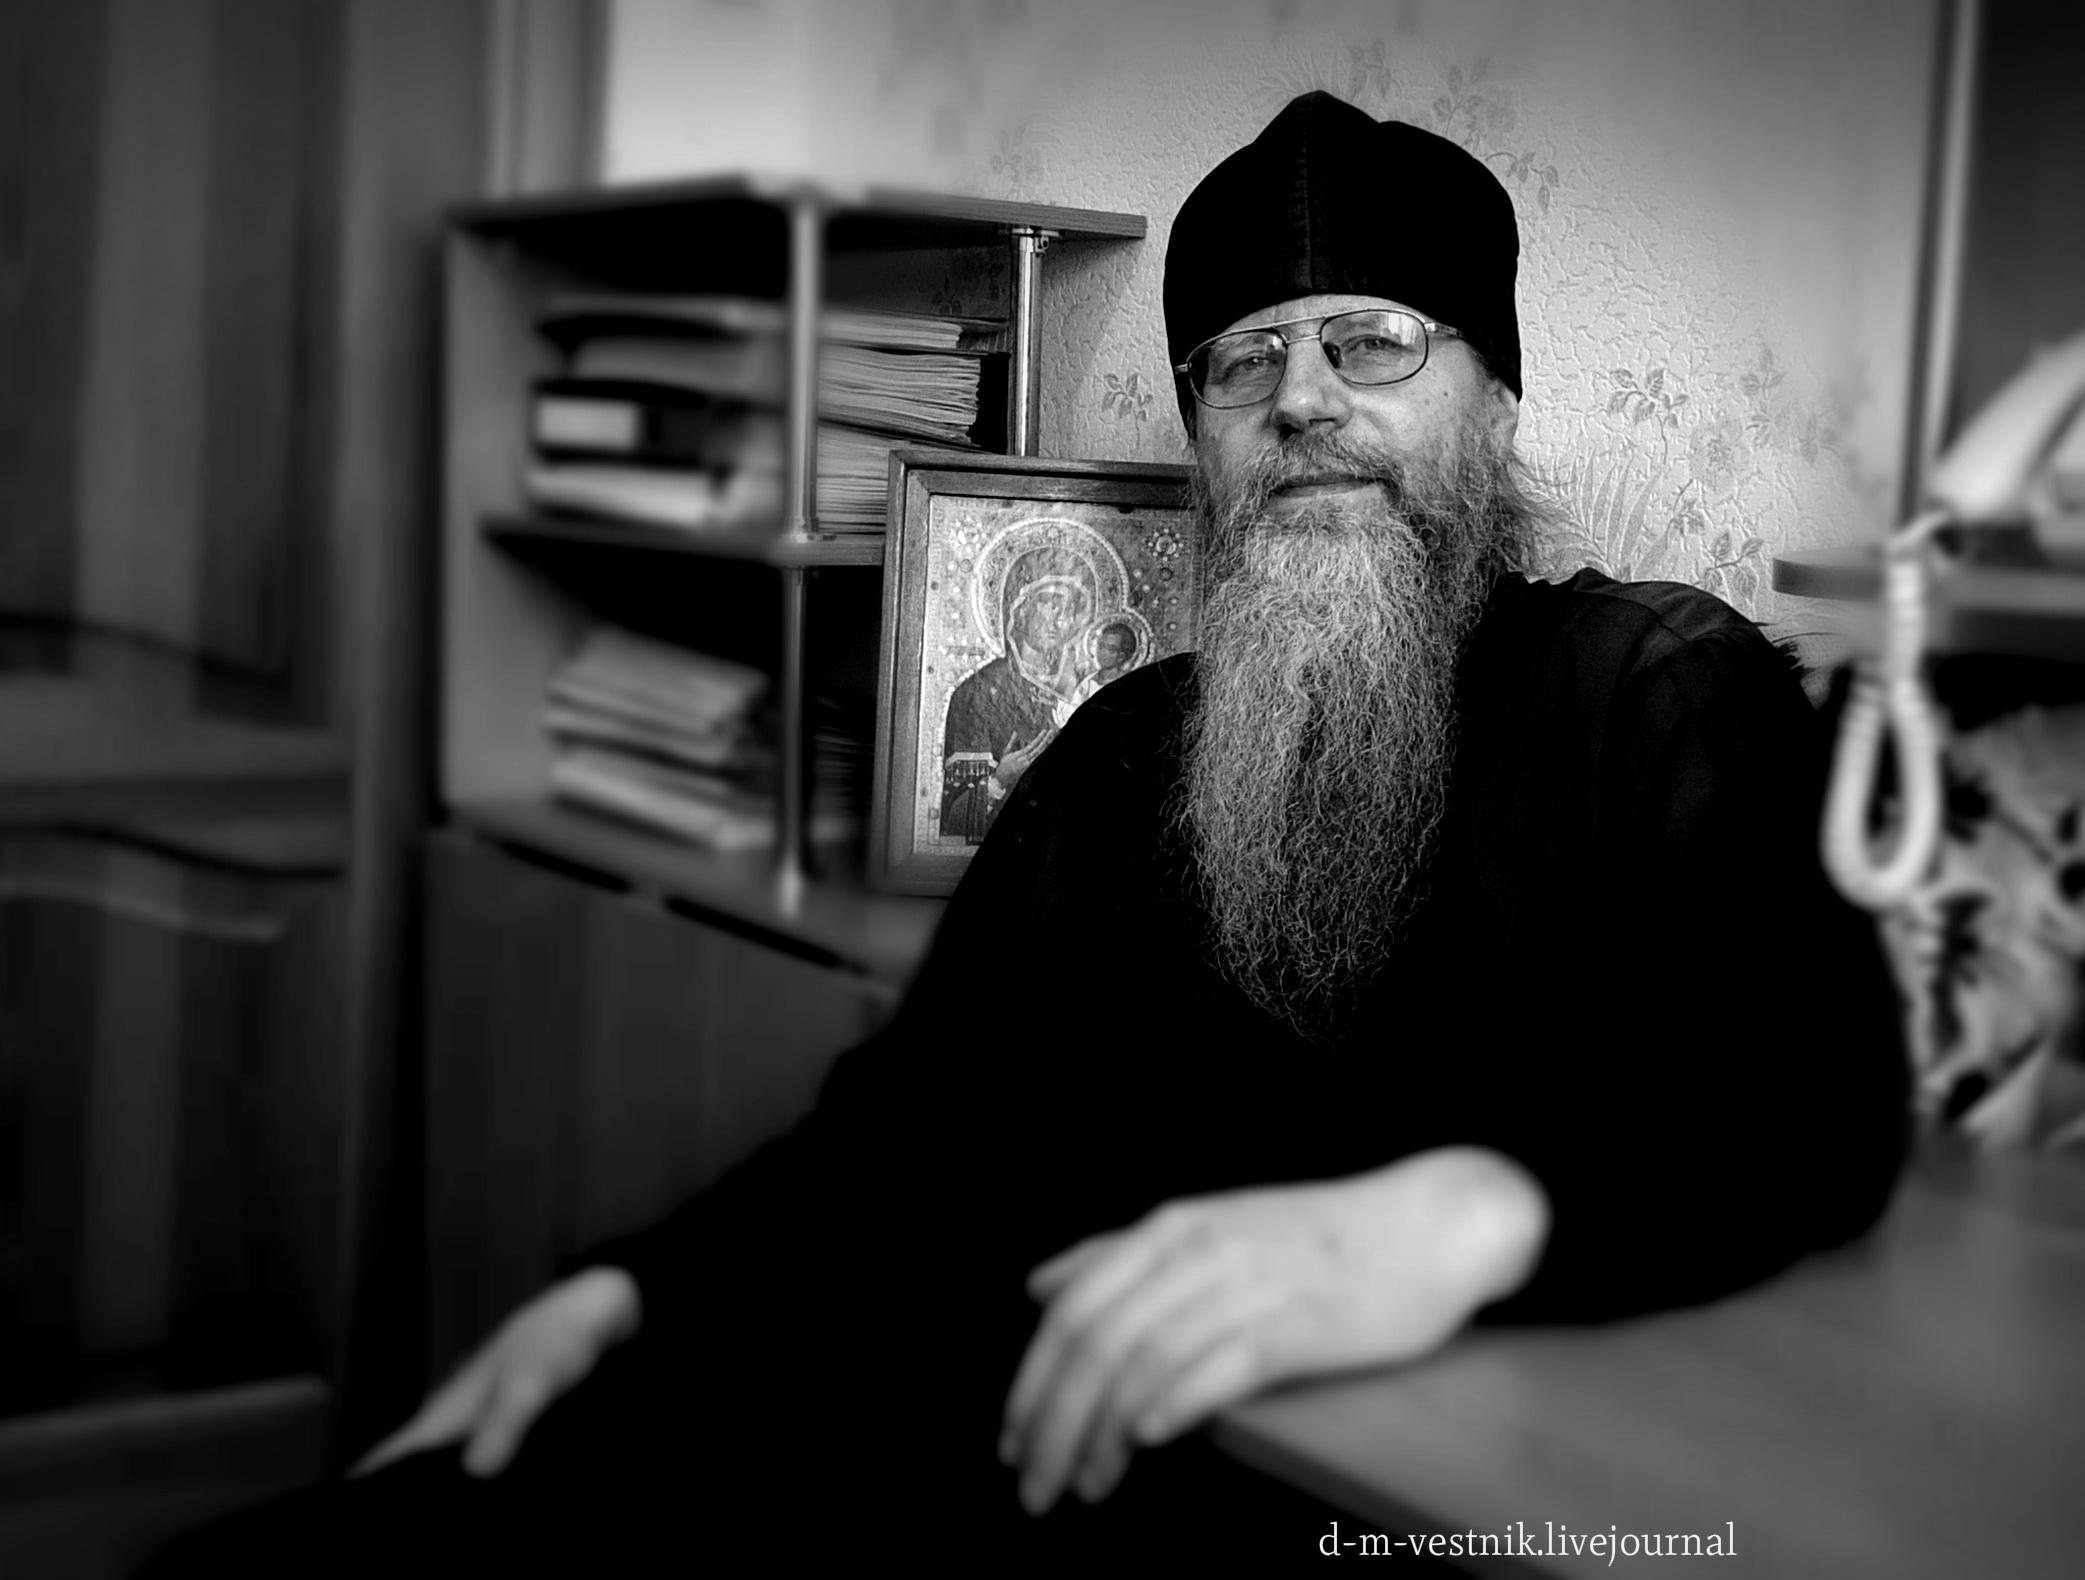 Епископ Анастасий: 70 лет (многая лета владыке!)